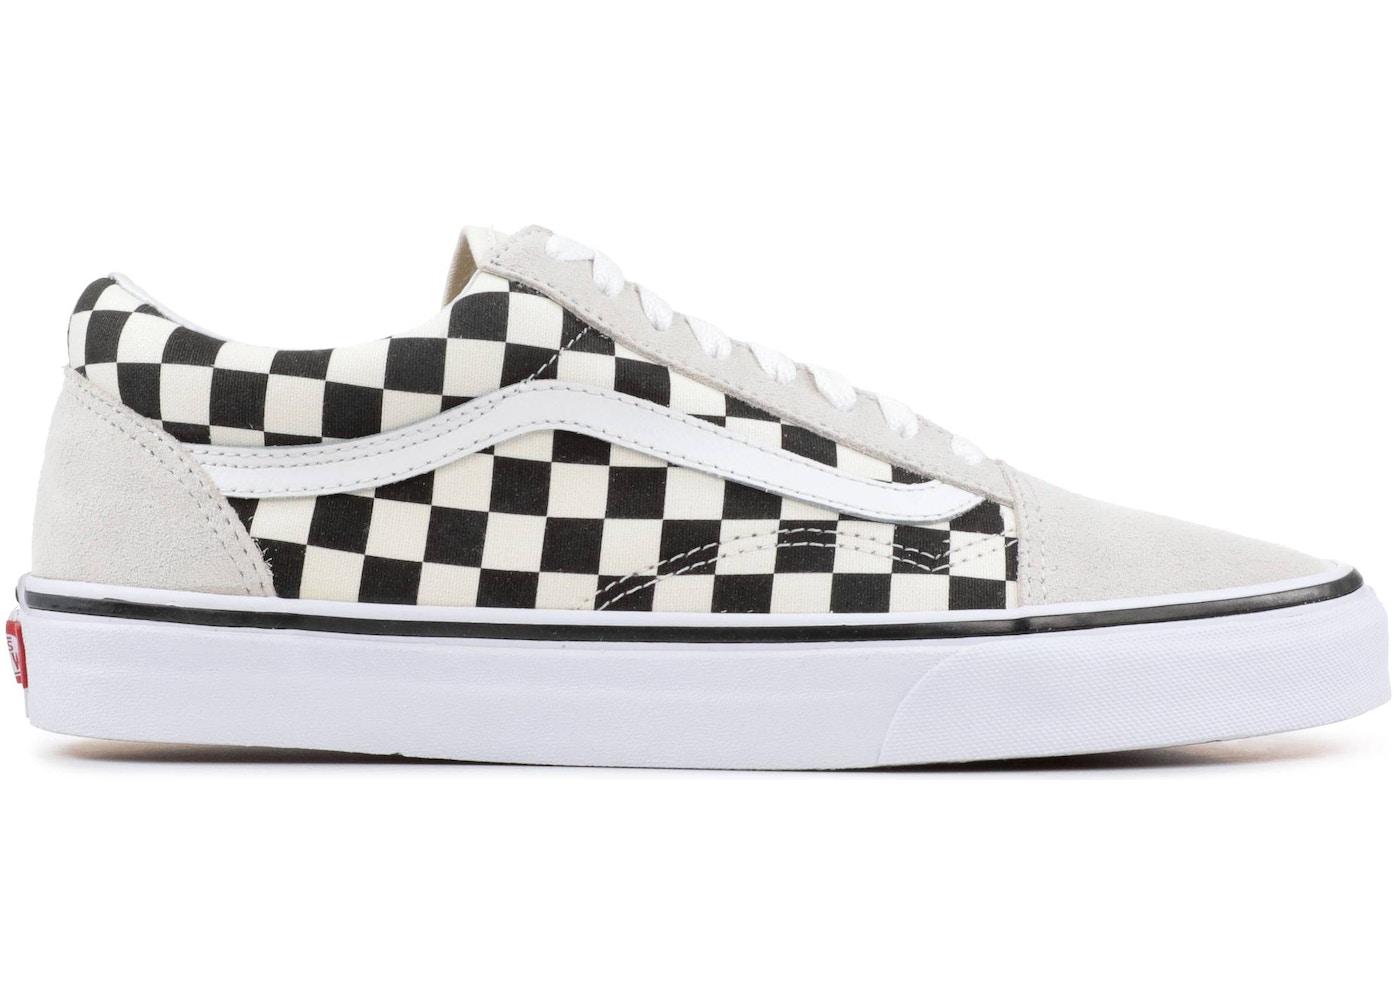 Vans Old Skool Checkerboard - VN0A38G127K